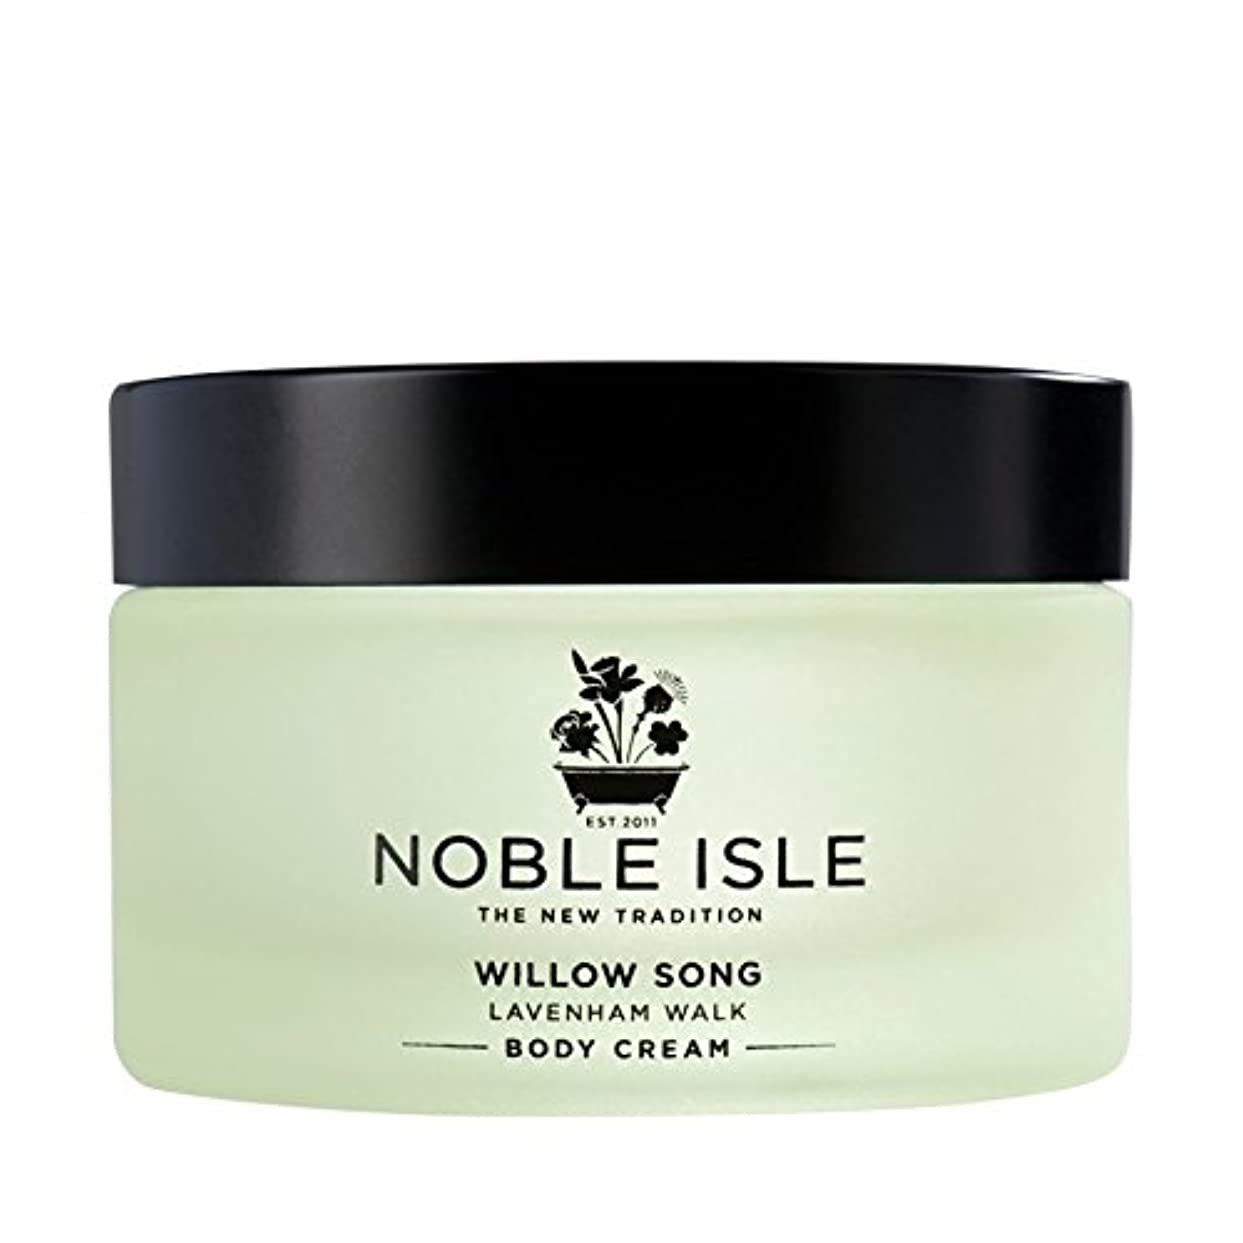 規模売り手蛇行高貴な島柳の歌ラヴァンハム徒歩ボディクリーム170ミリリットル x4 - Noble Isle Willow Song Lavenham Walk Body Cream 170ml (Pack of 4) [並行輸入品]